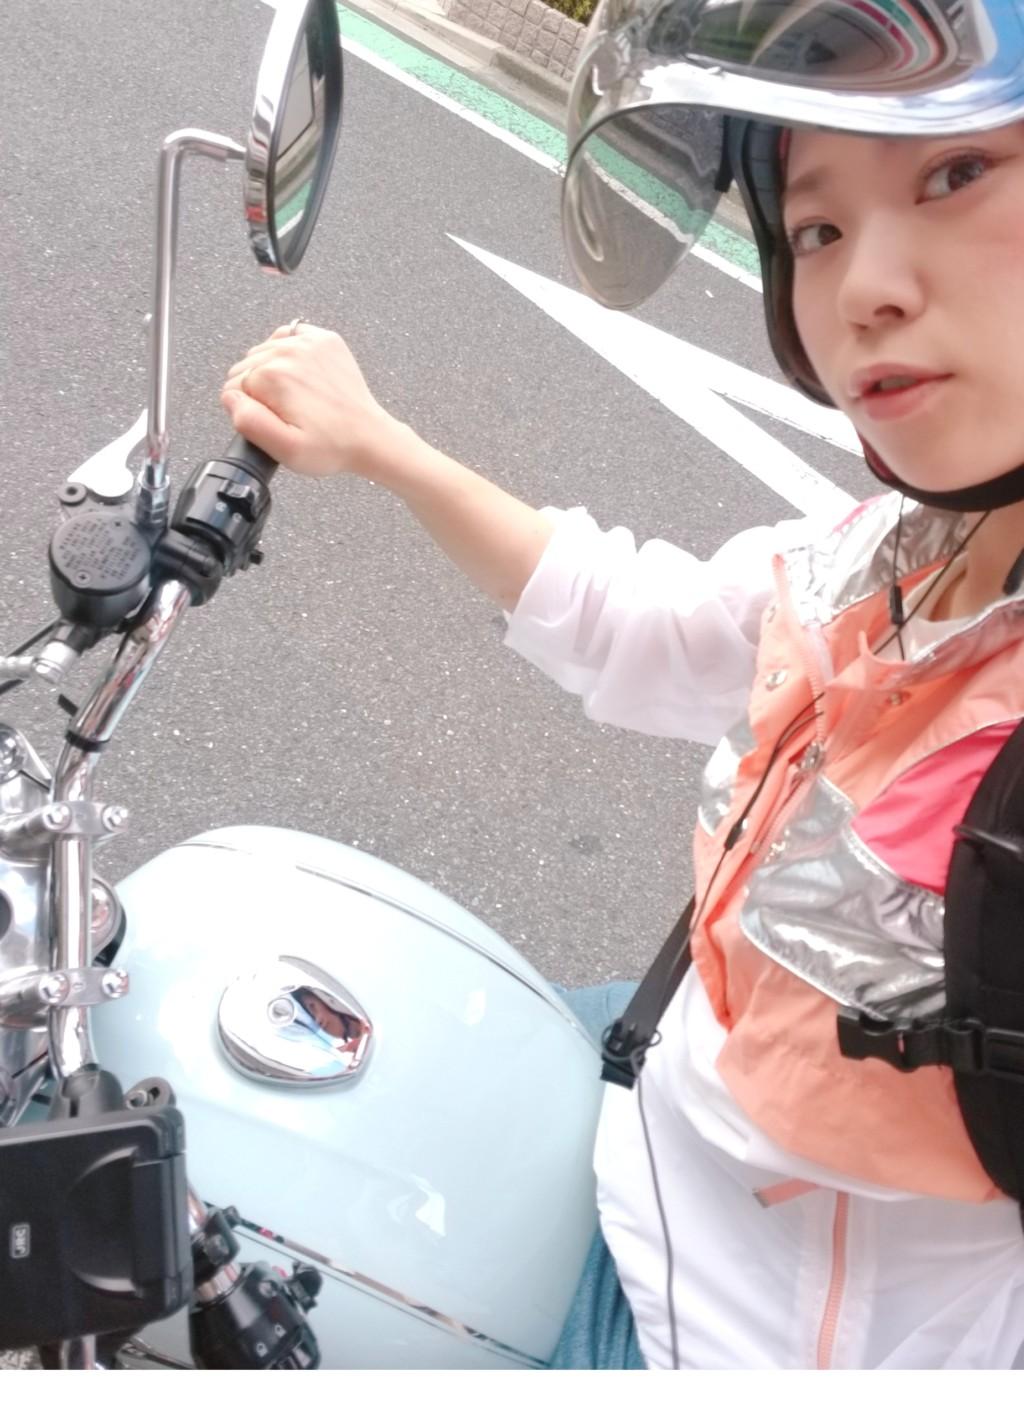 そうだ、レンタルバイクでツーリングへ行こう!【前日にバイクを借りてお台場までドライブ編】